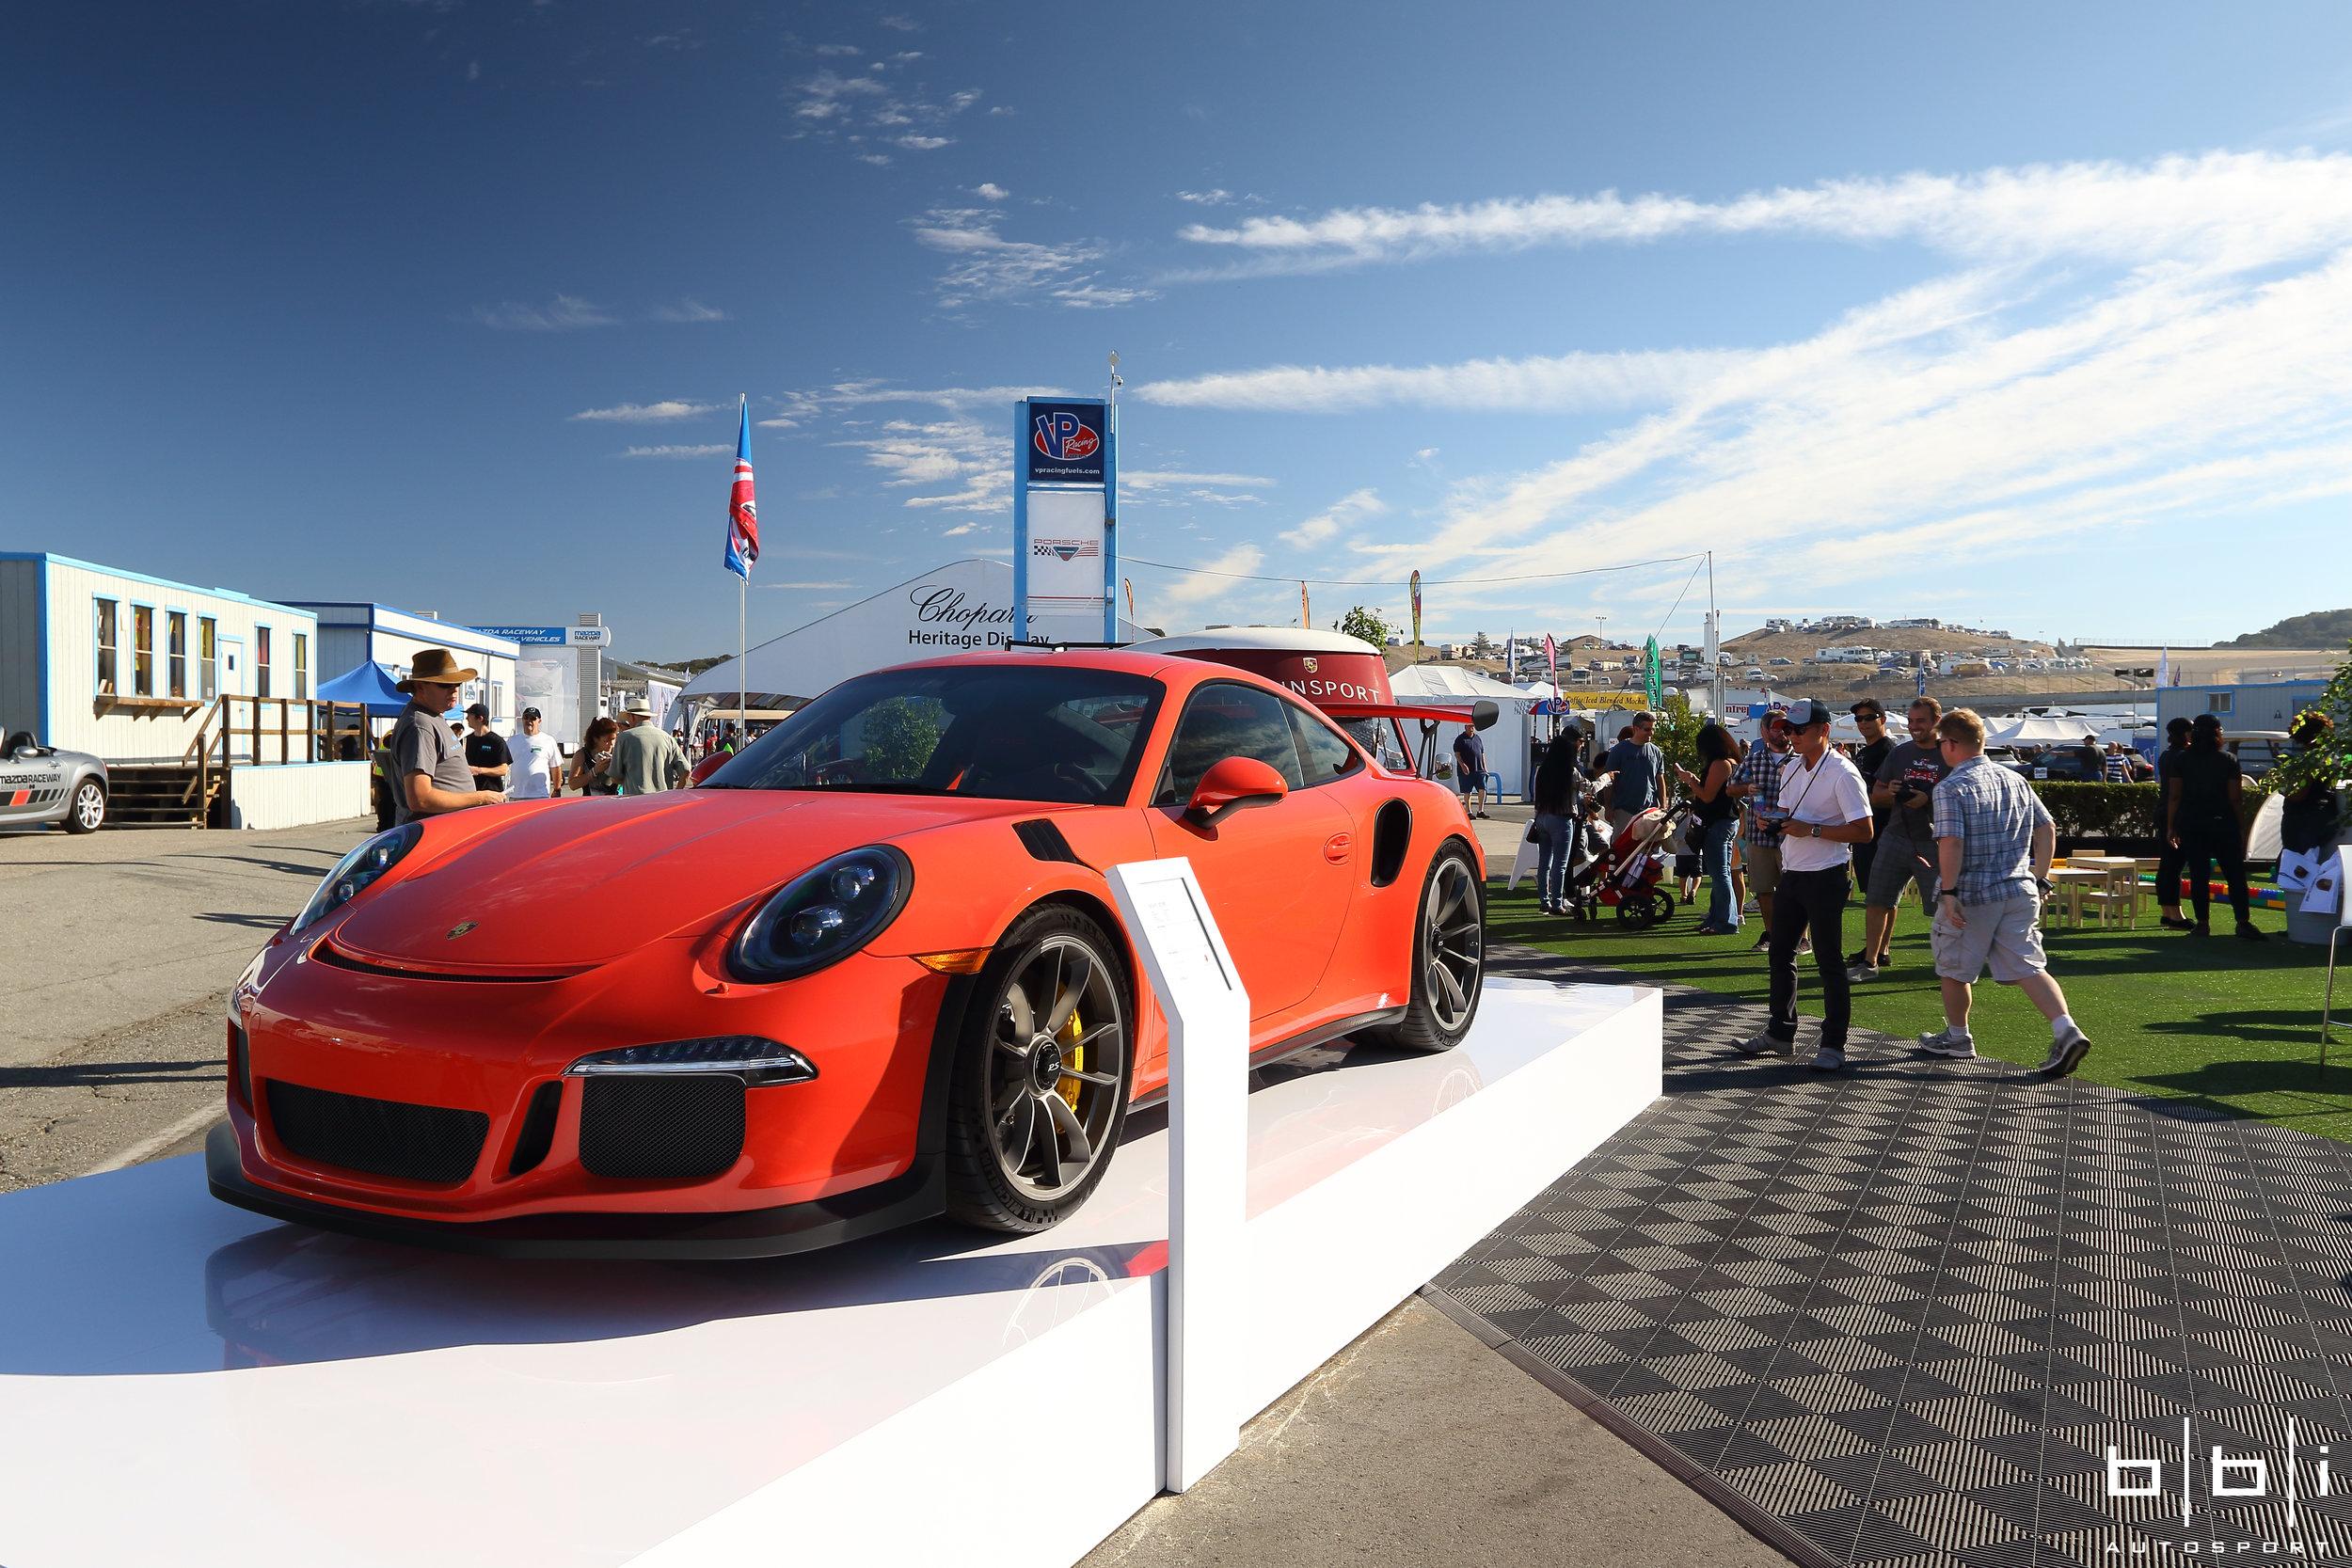 Lava Orange Porsche 991 GT3 RS